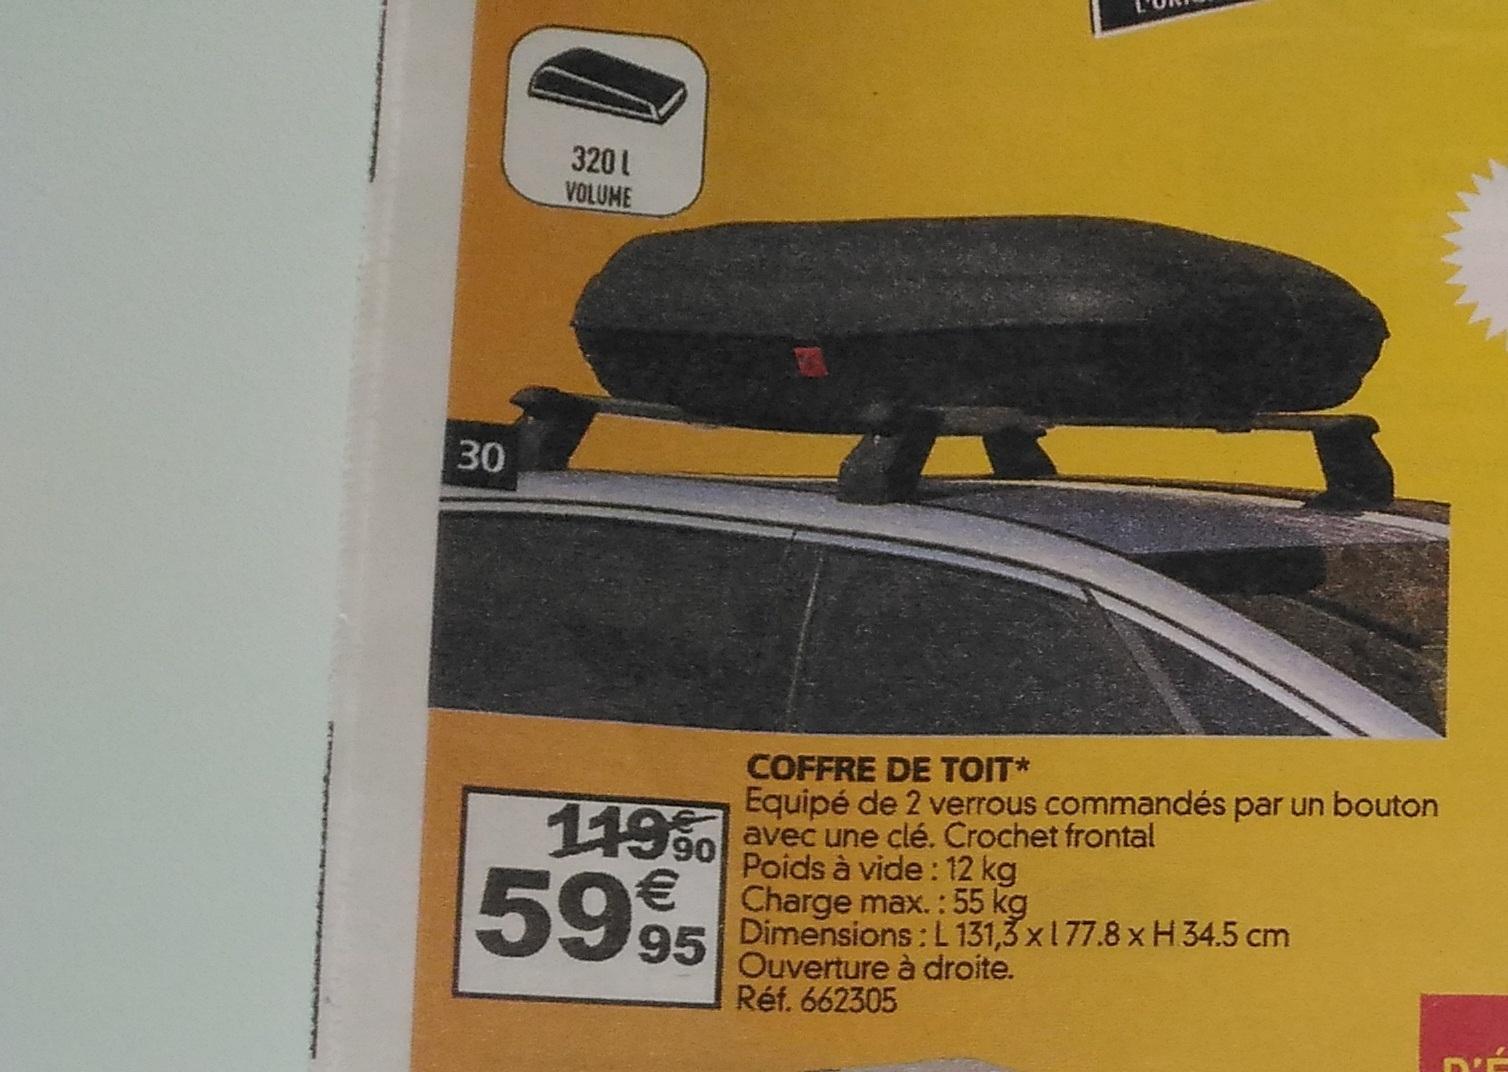 Coffre de toit avec 2 verrous (320L)